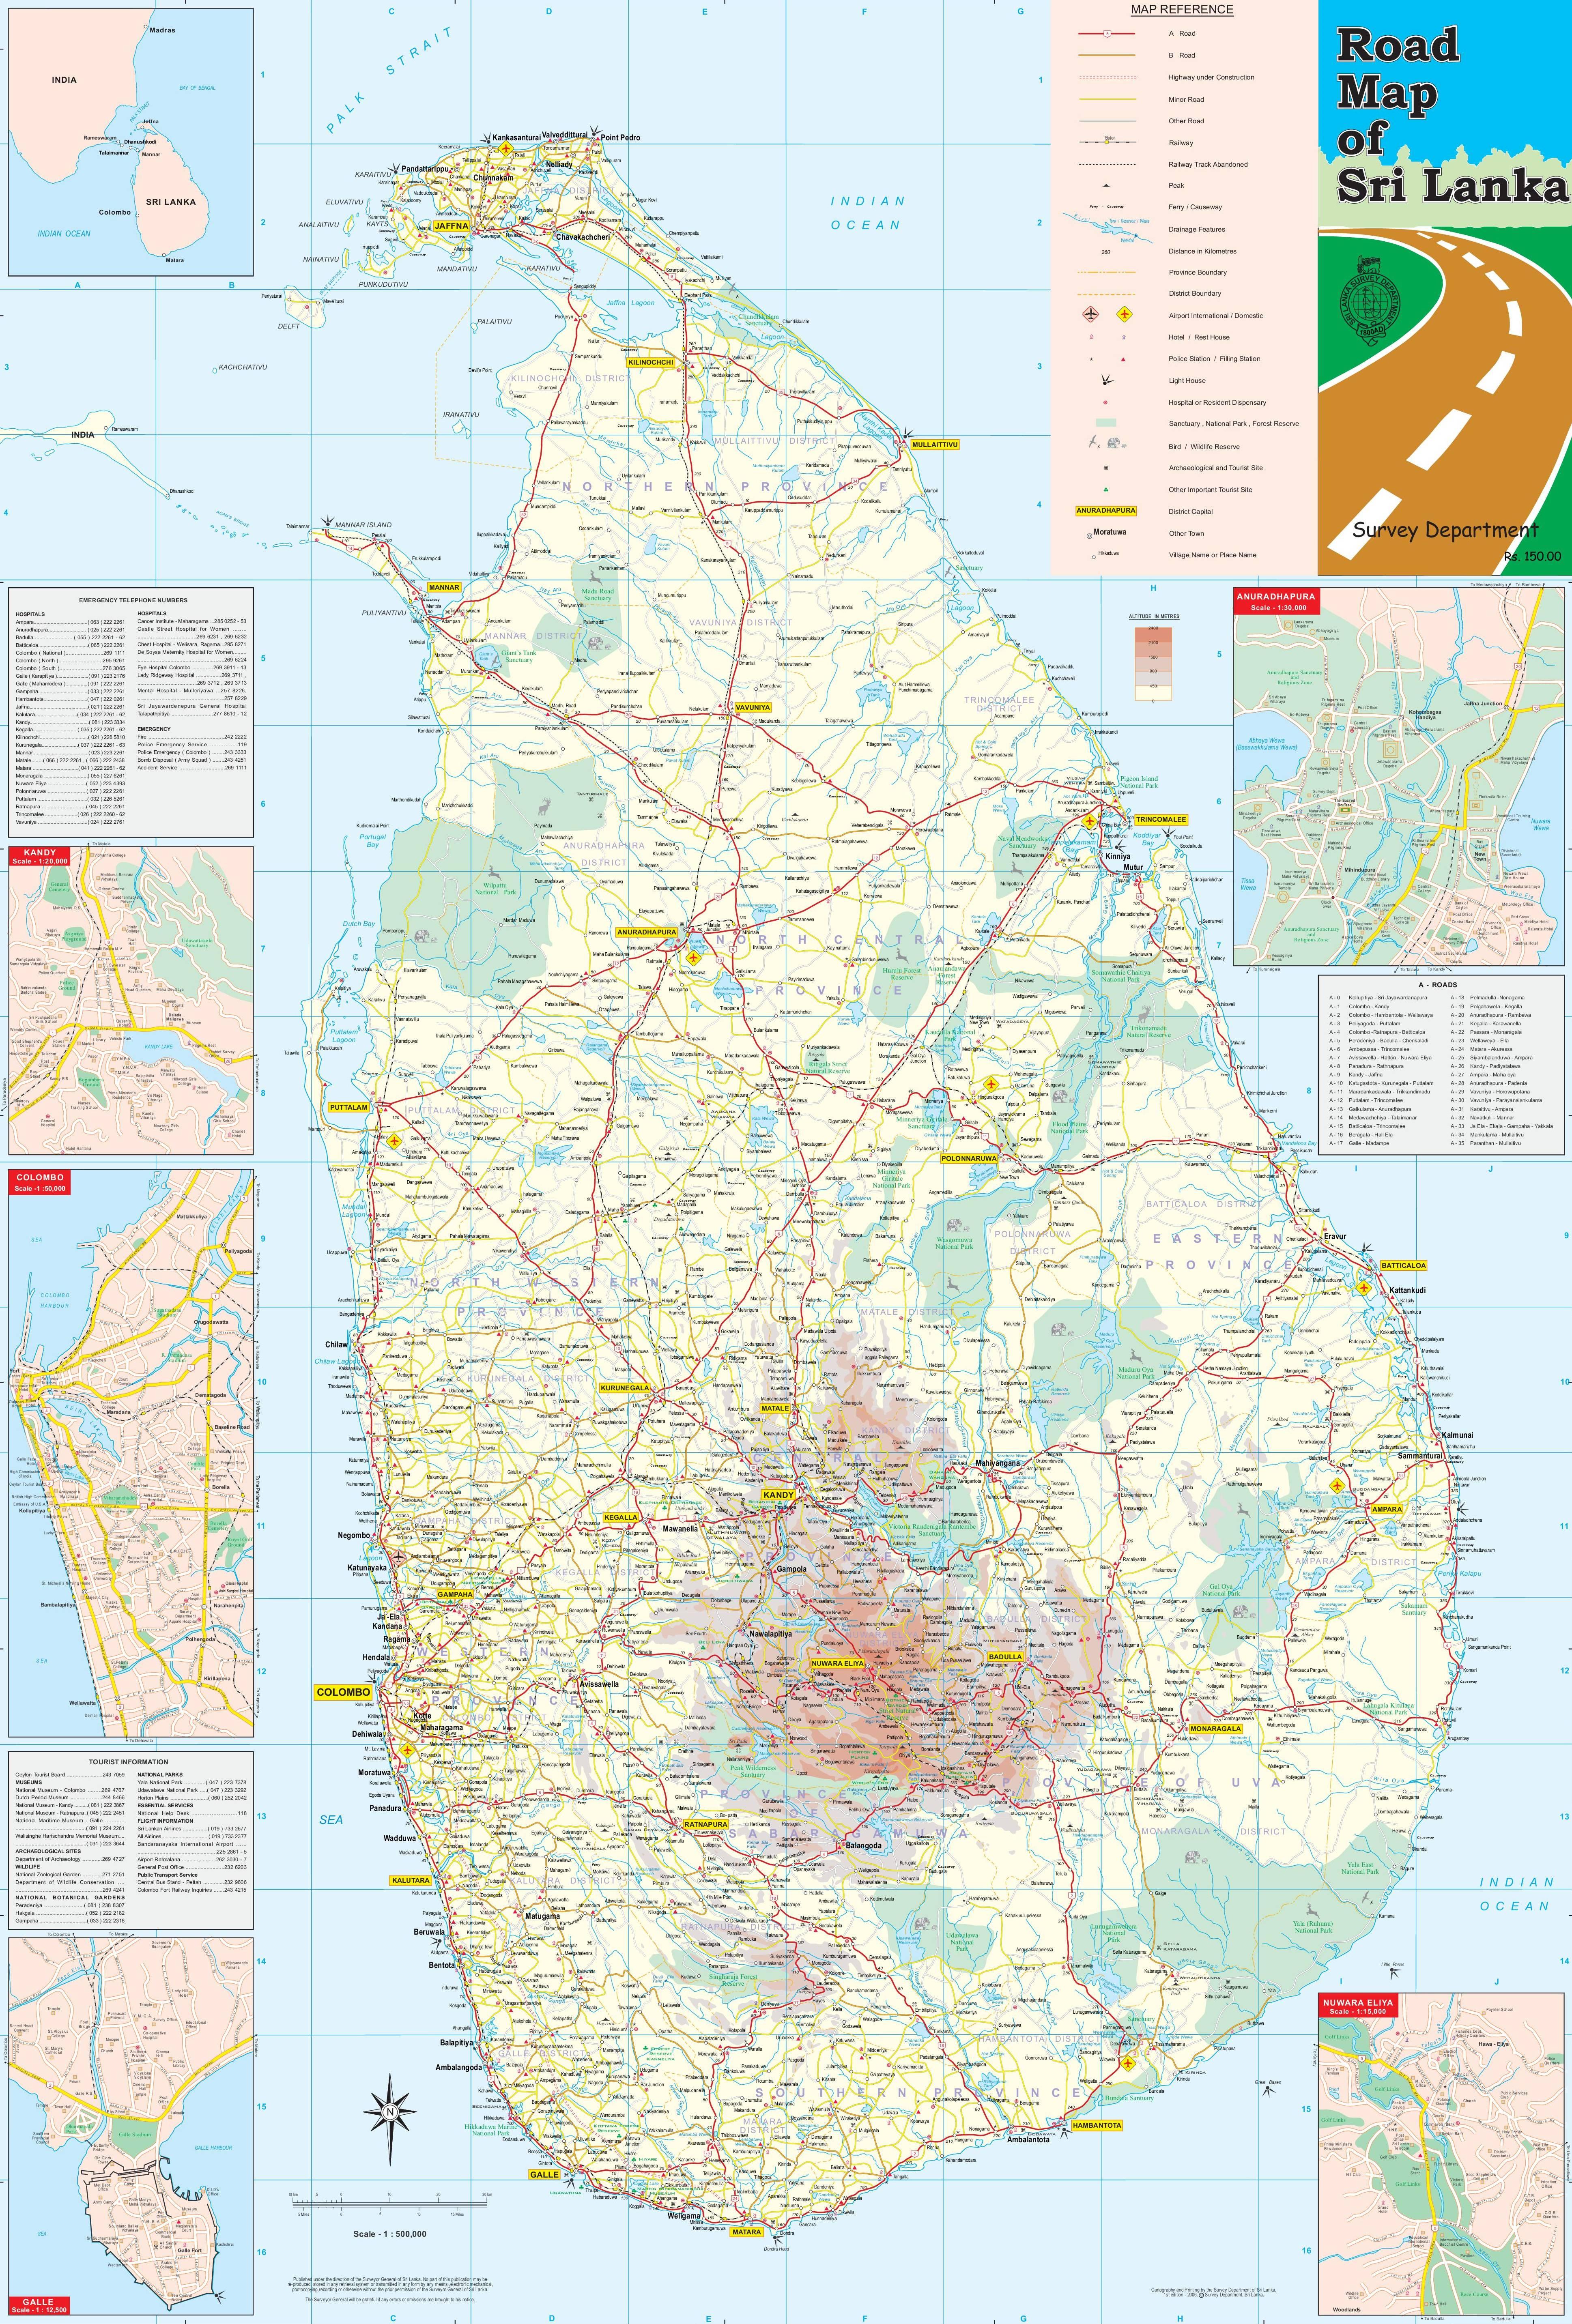 Carte Cote Ouest Sri Lanka.Carte Du Sri Lanka Plusieurs Cartes Du Pays Villes